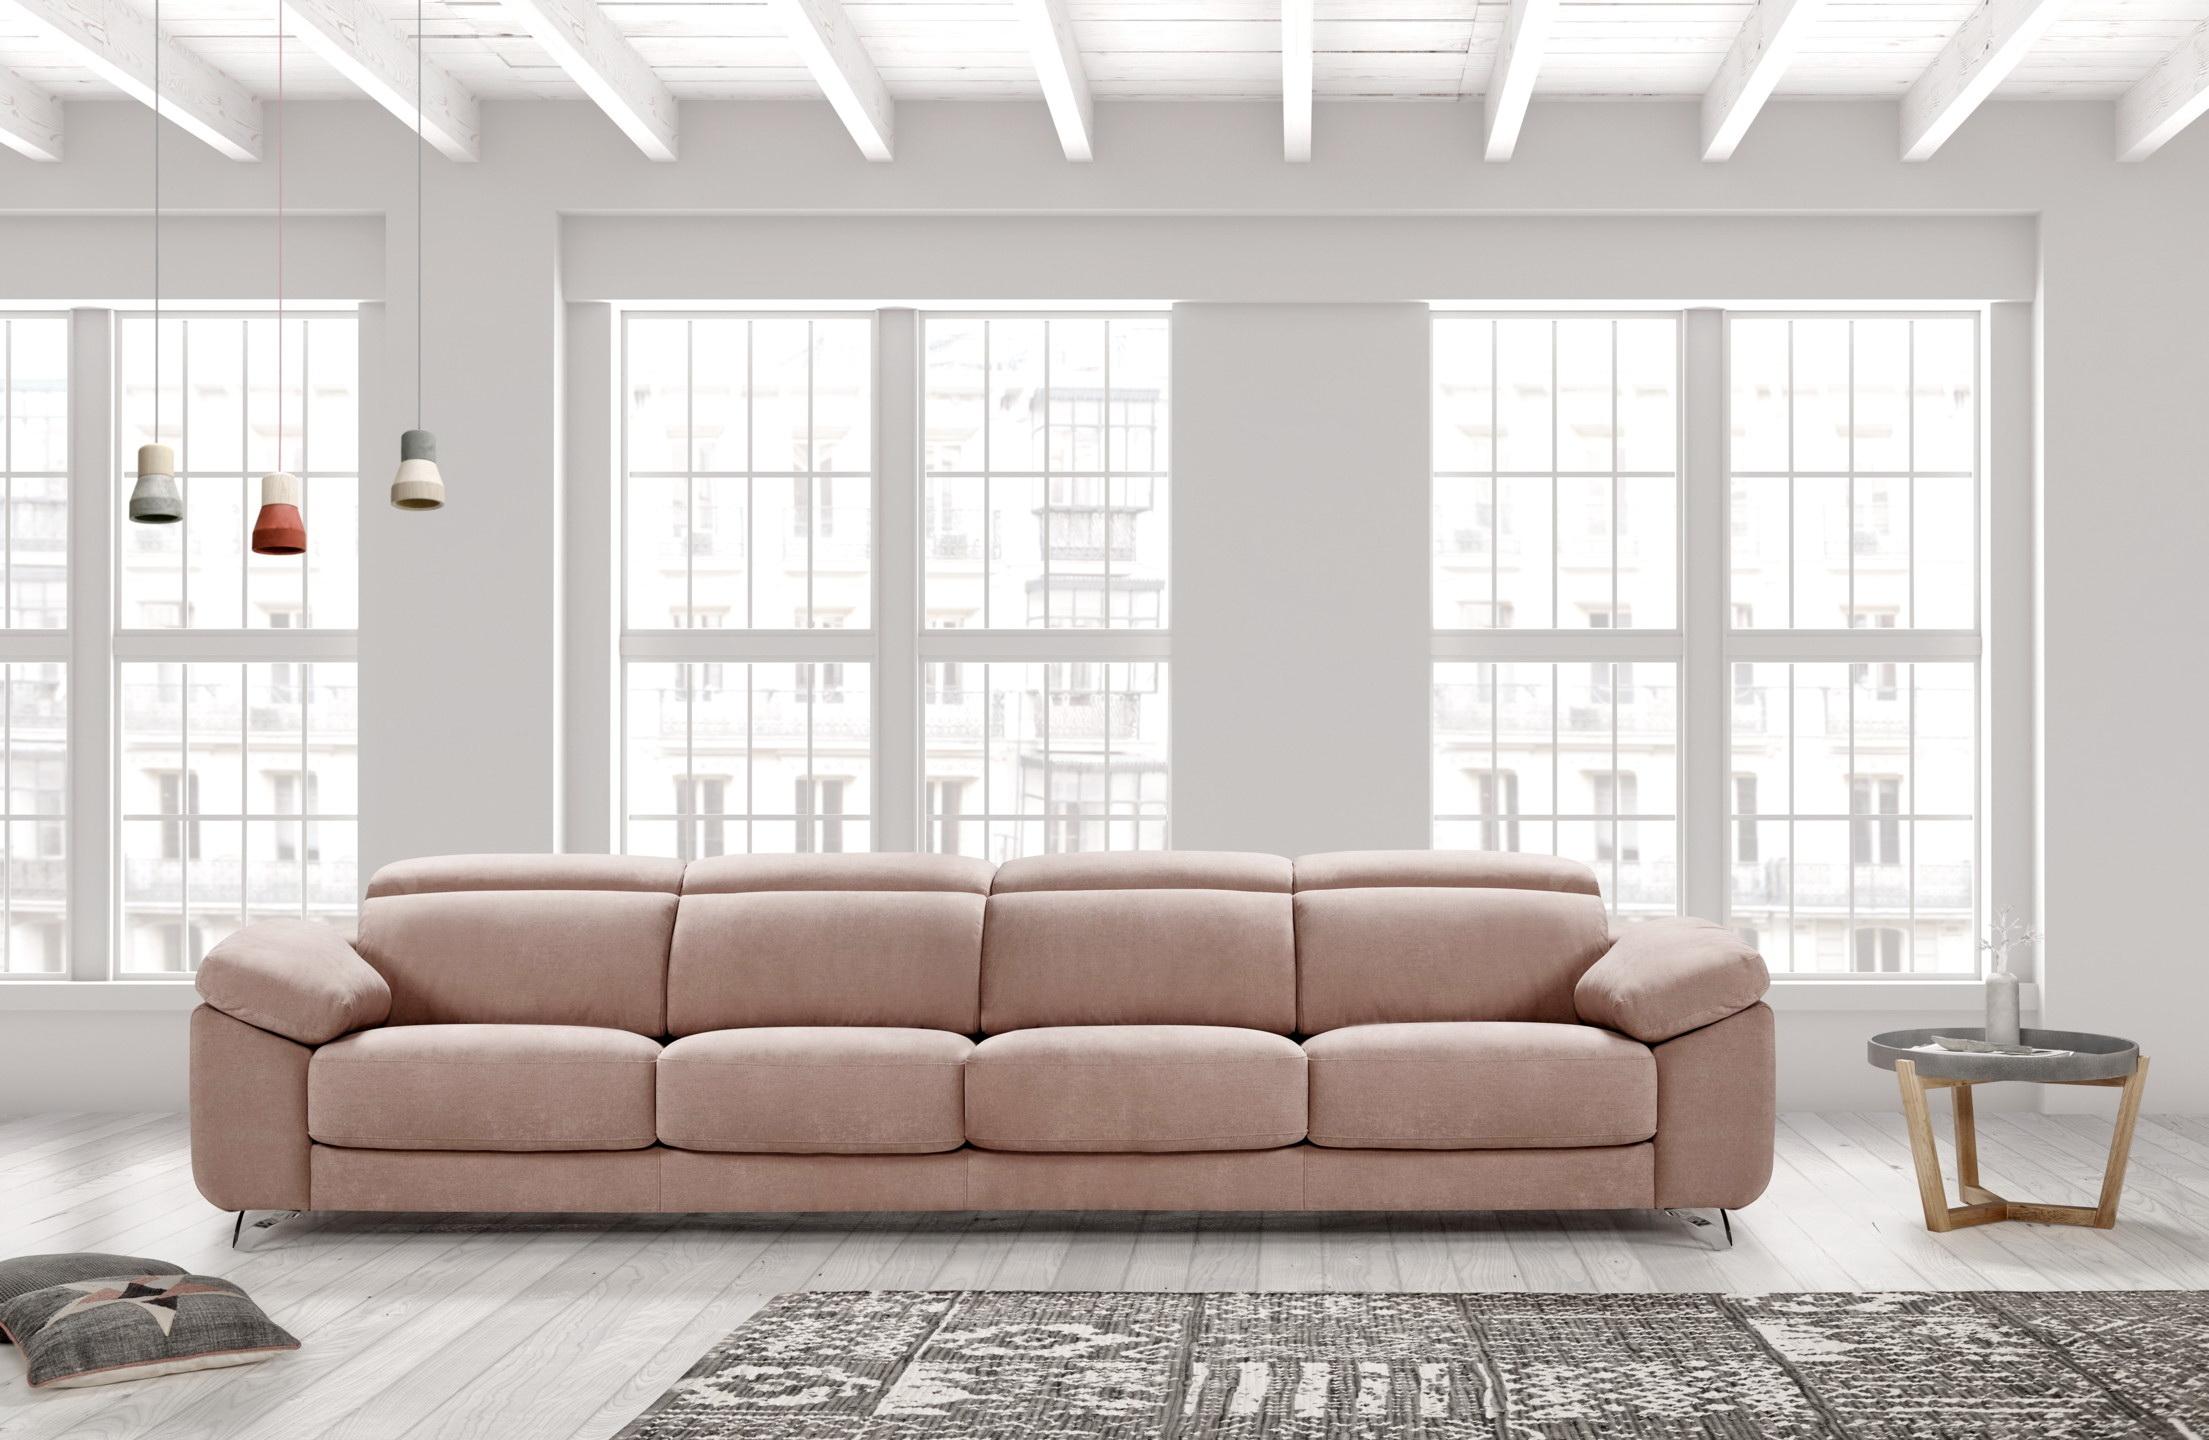 DOROTHY sofá modular asientos extensibles by Pedro Ortiz Dorothy 4 plazas de venta en Muebles Antoñán León